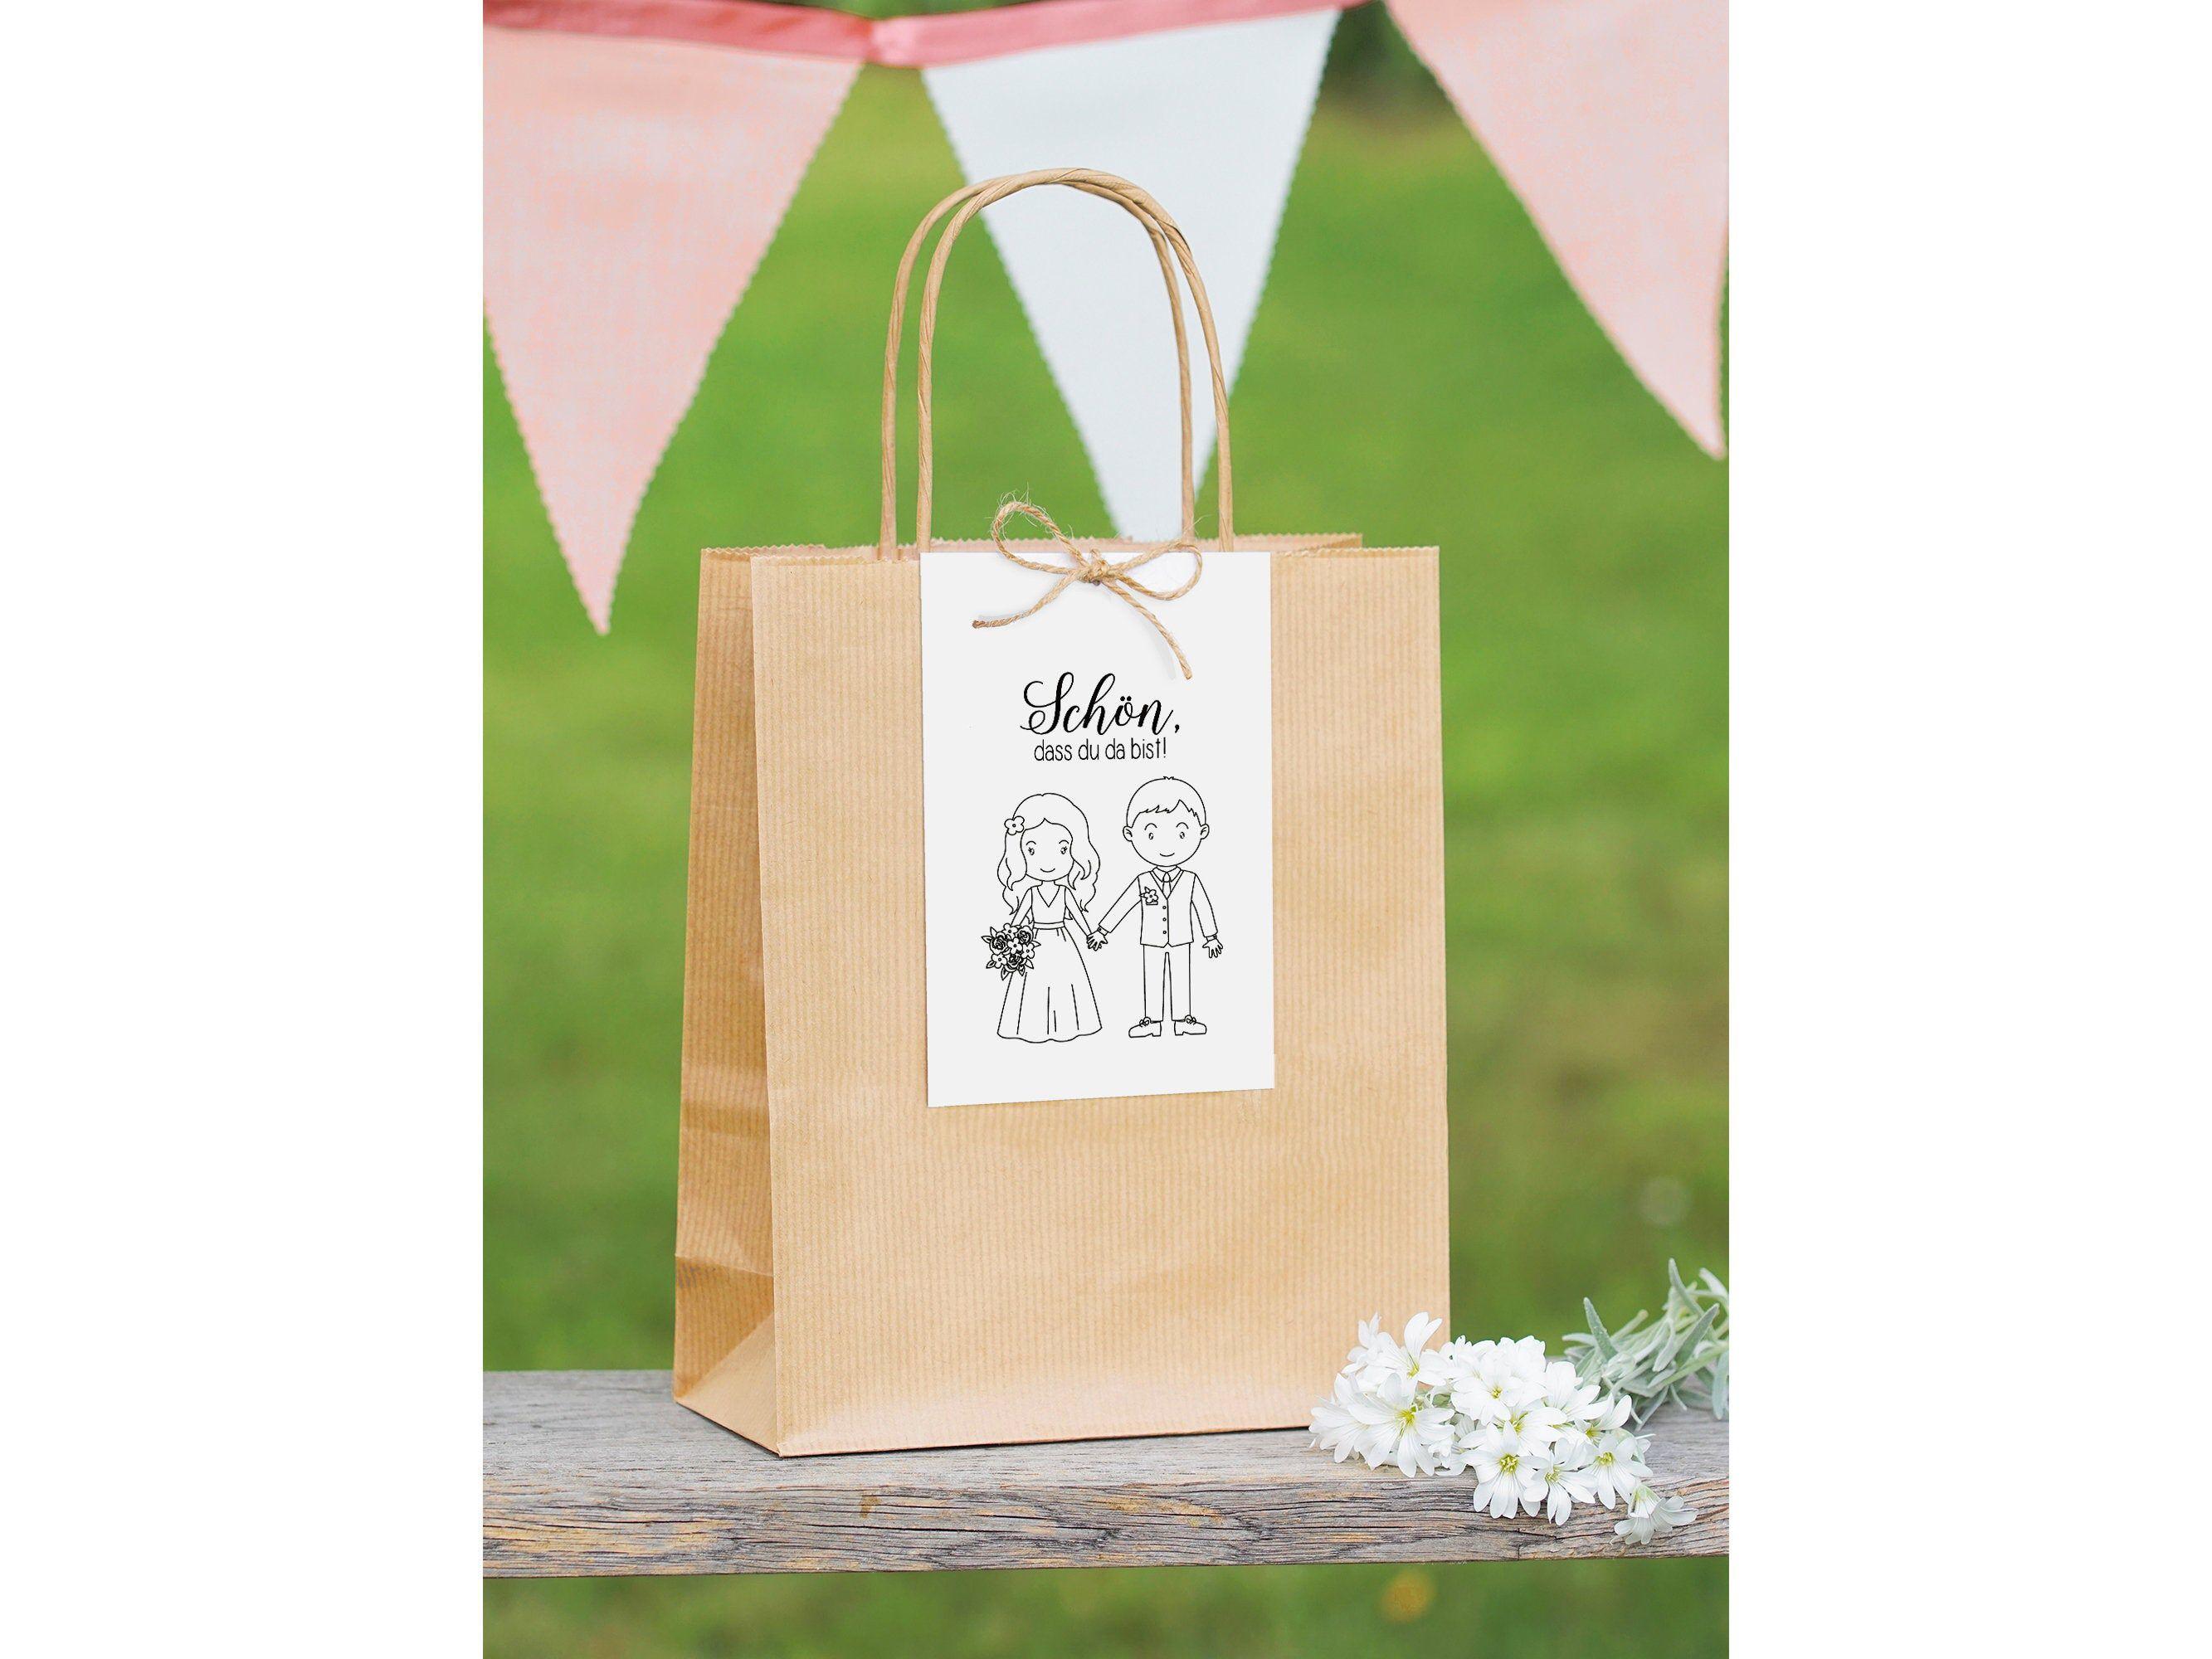 Kinderbetreuung Und Kindertuten Auf Der Hochzeit Von Ronny Und Patrizia Philp Kinder Tasche Kinderbetreuung Kindertaschen